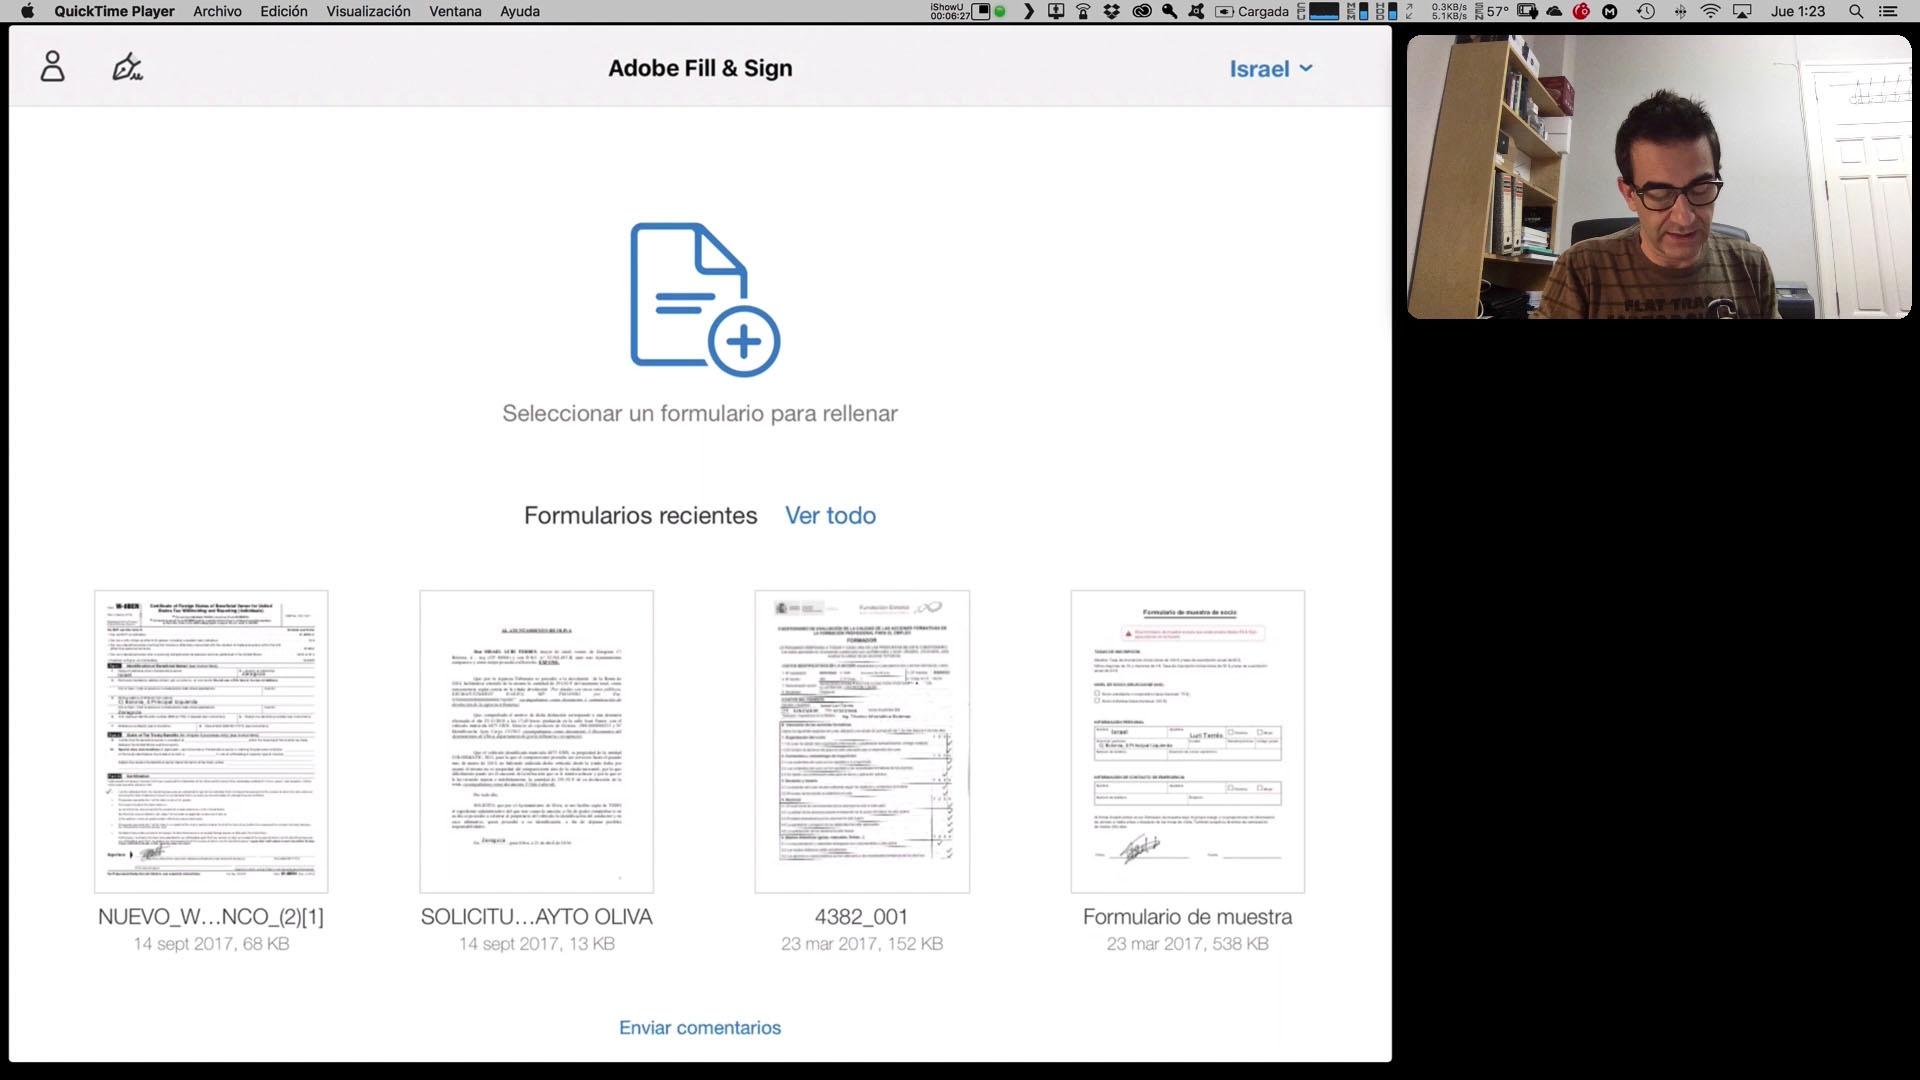 Adobe Fill & Sign